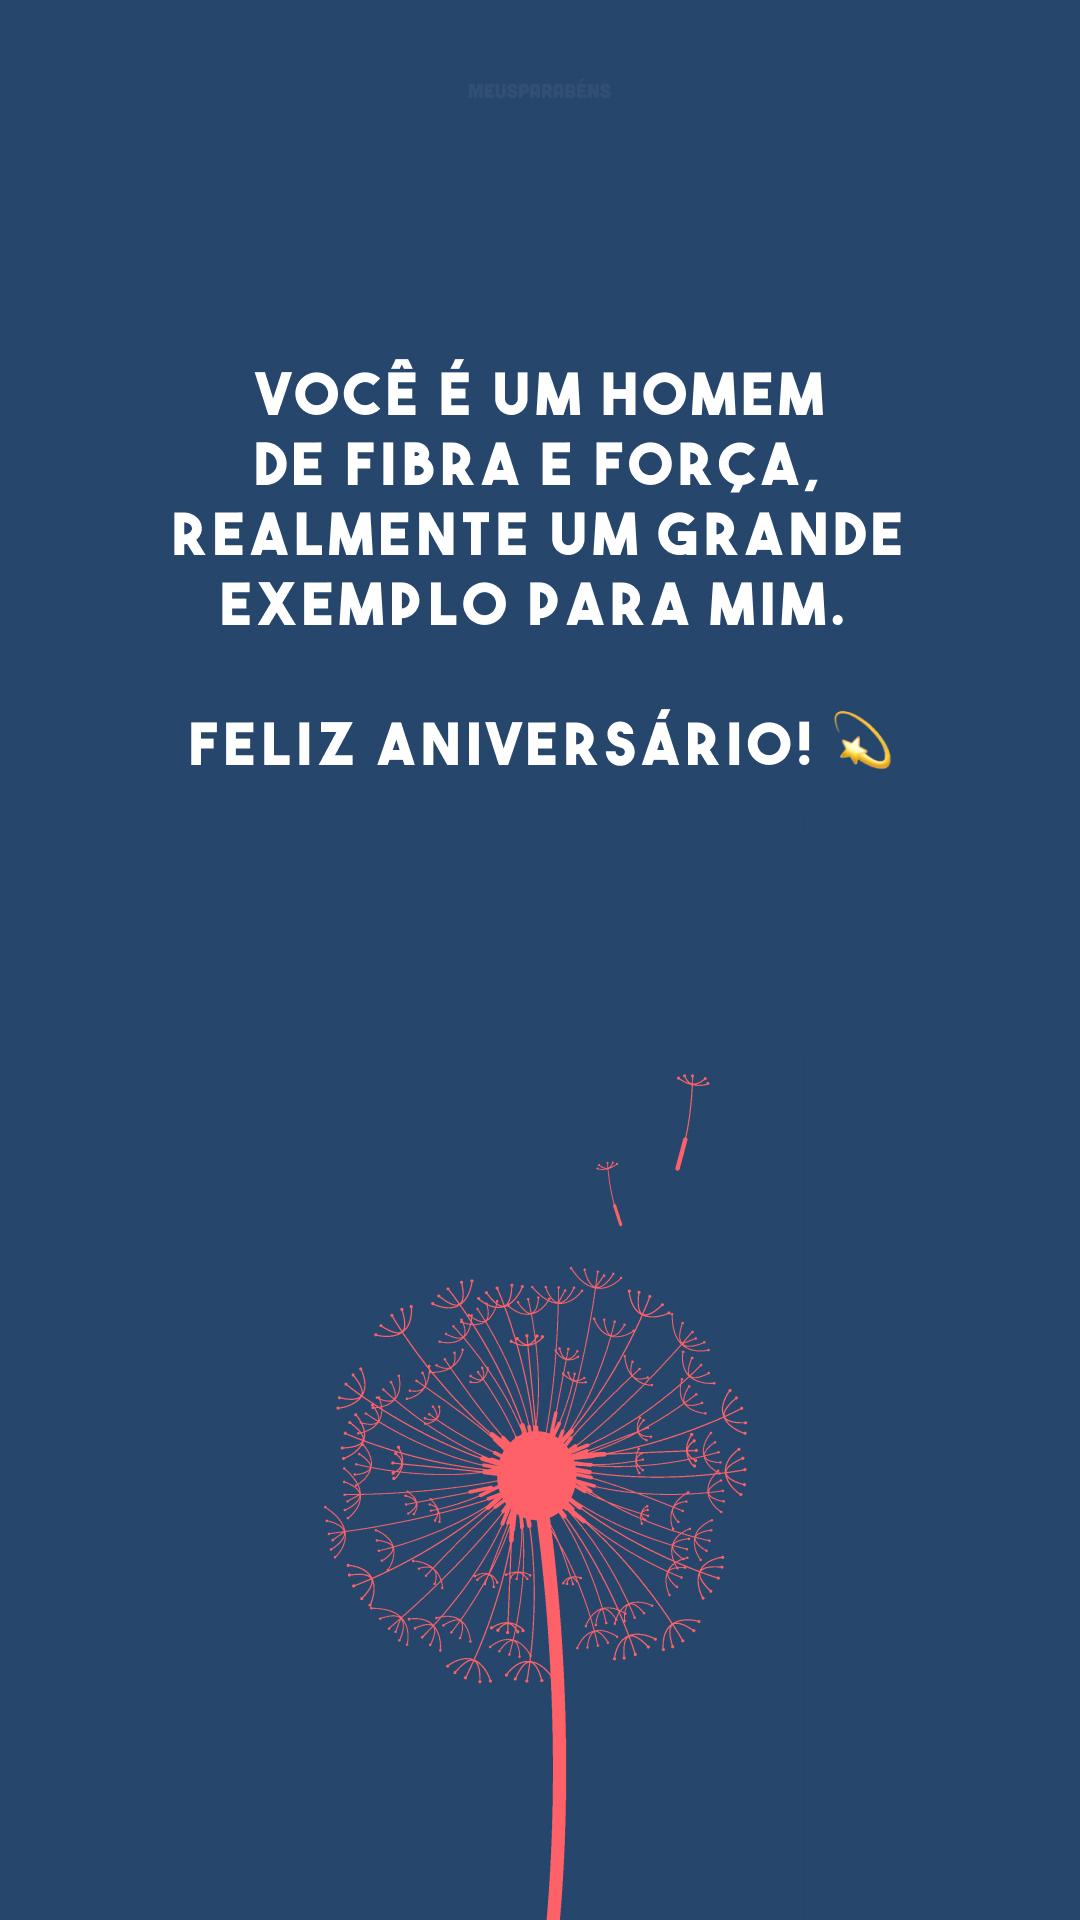 Você é um homem de fibra e força, realmente um grande exemplo para mim. Feliz aniversário! 💫